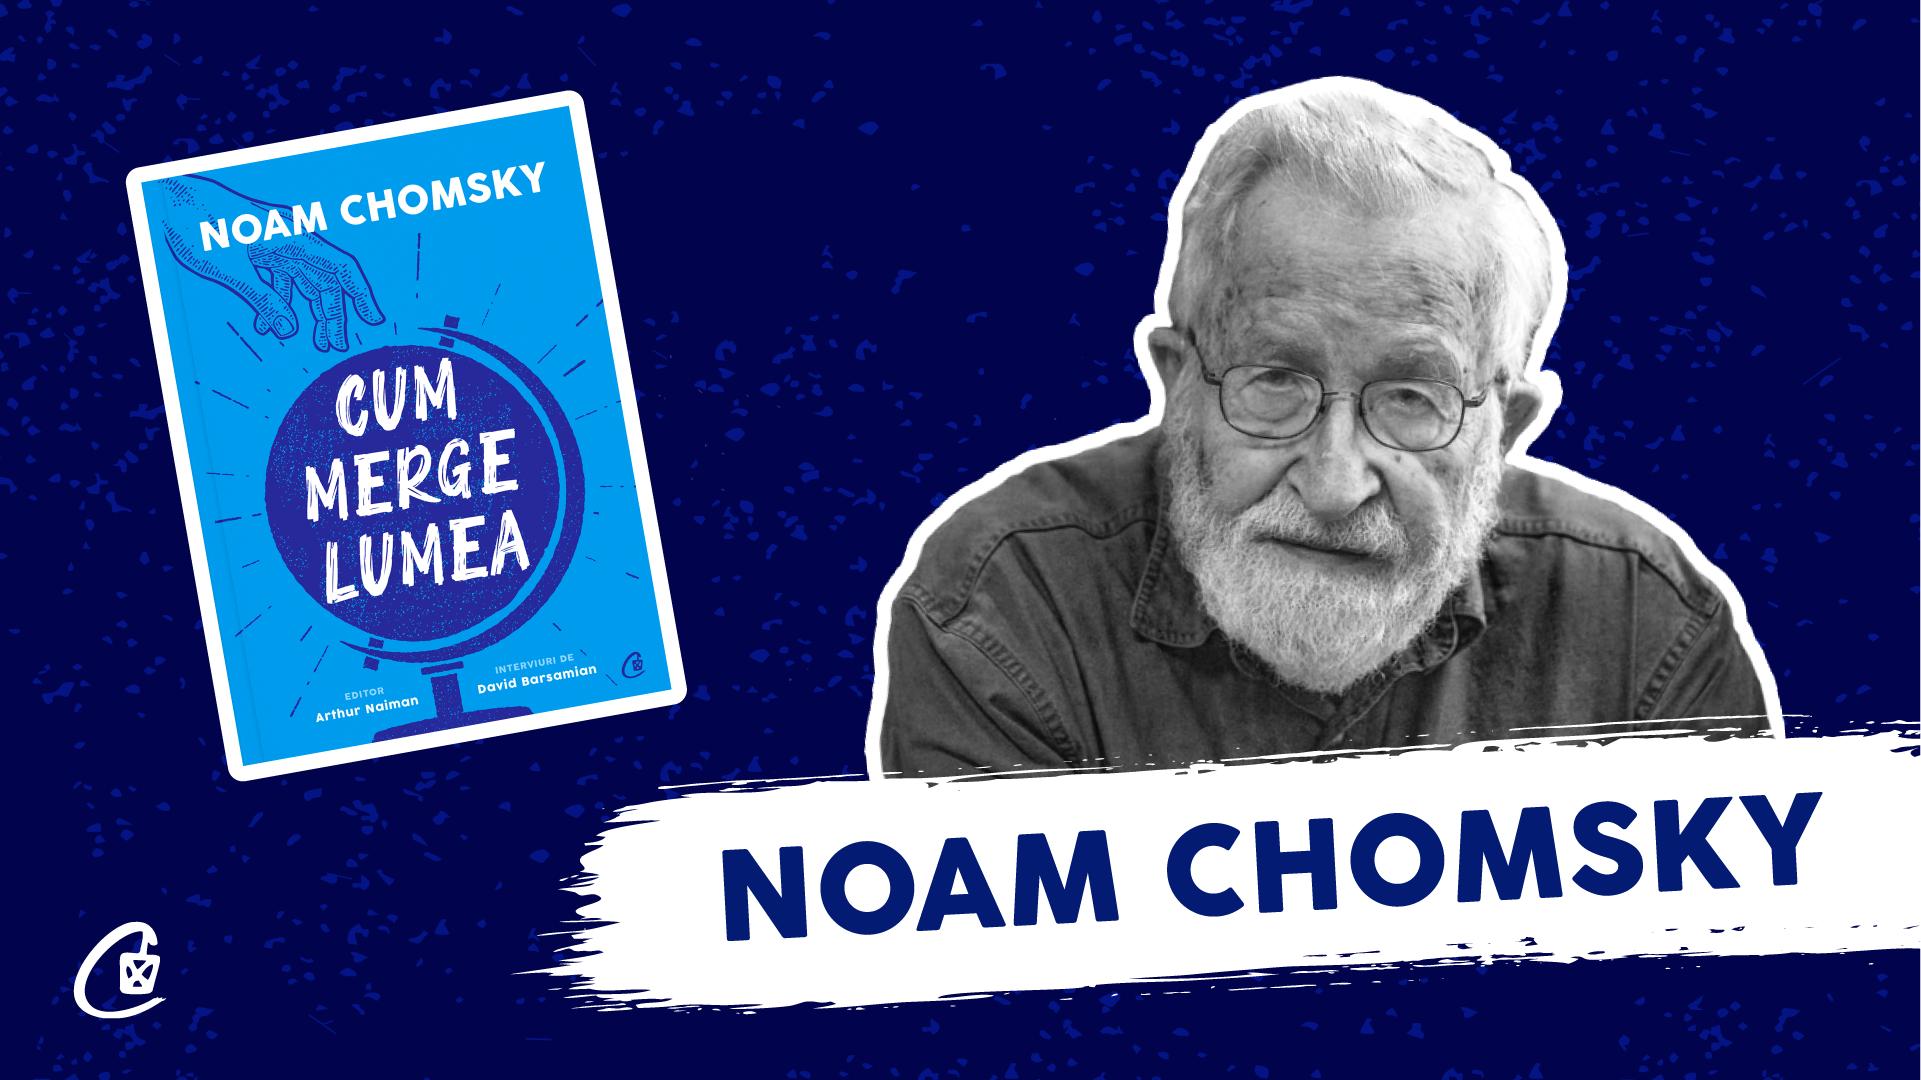 """Noam Chomsky într-un eveniment online unic în România: lansarea cărții """"Cum merge lumea"""""""